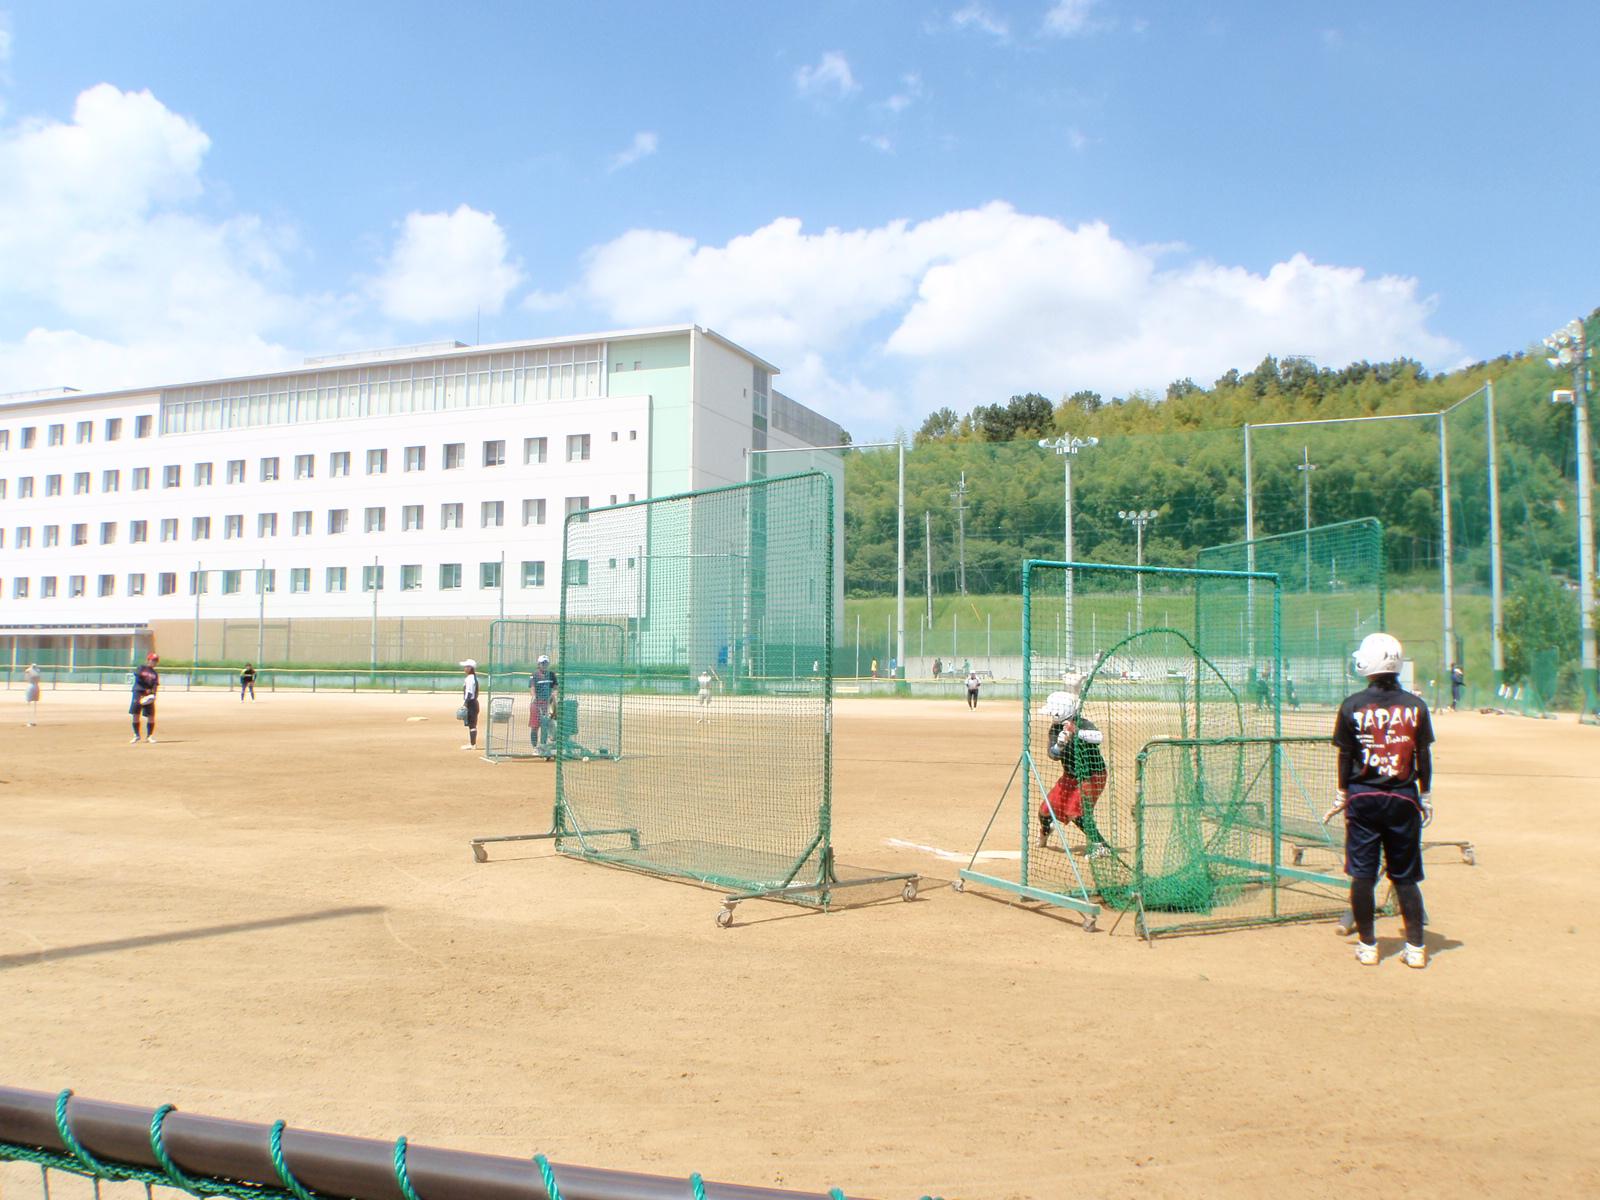 大学 連盟 ボール 全日本 ソフト